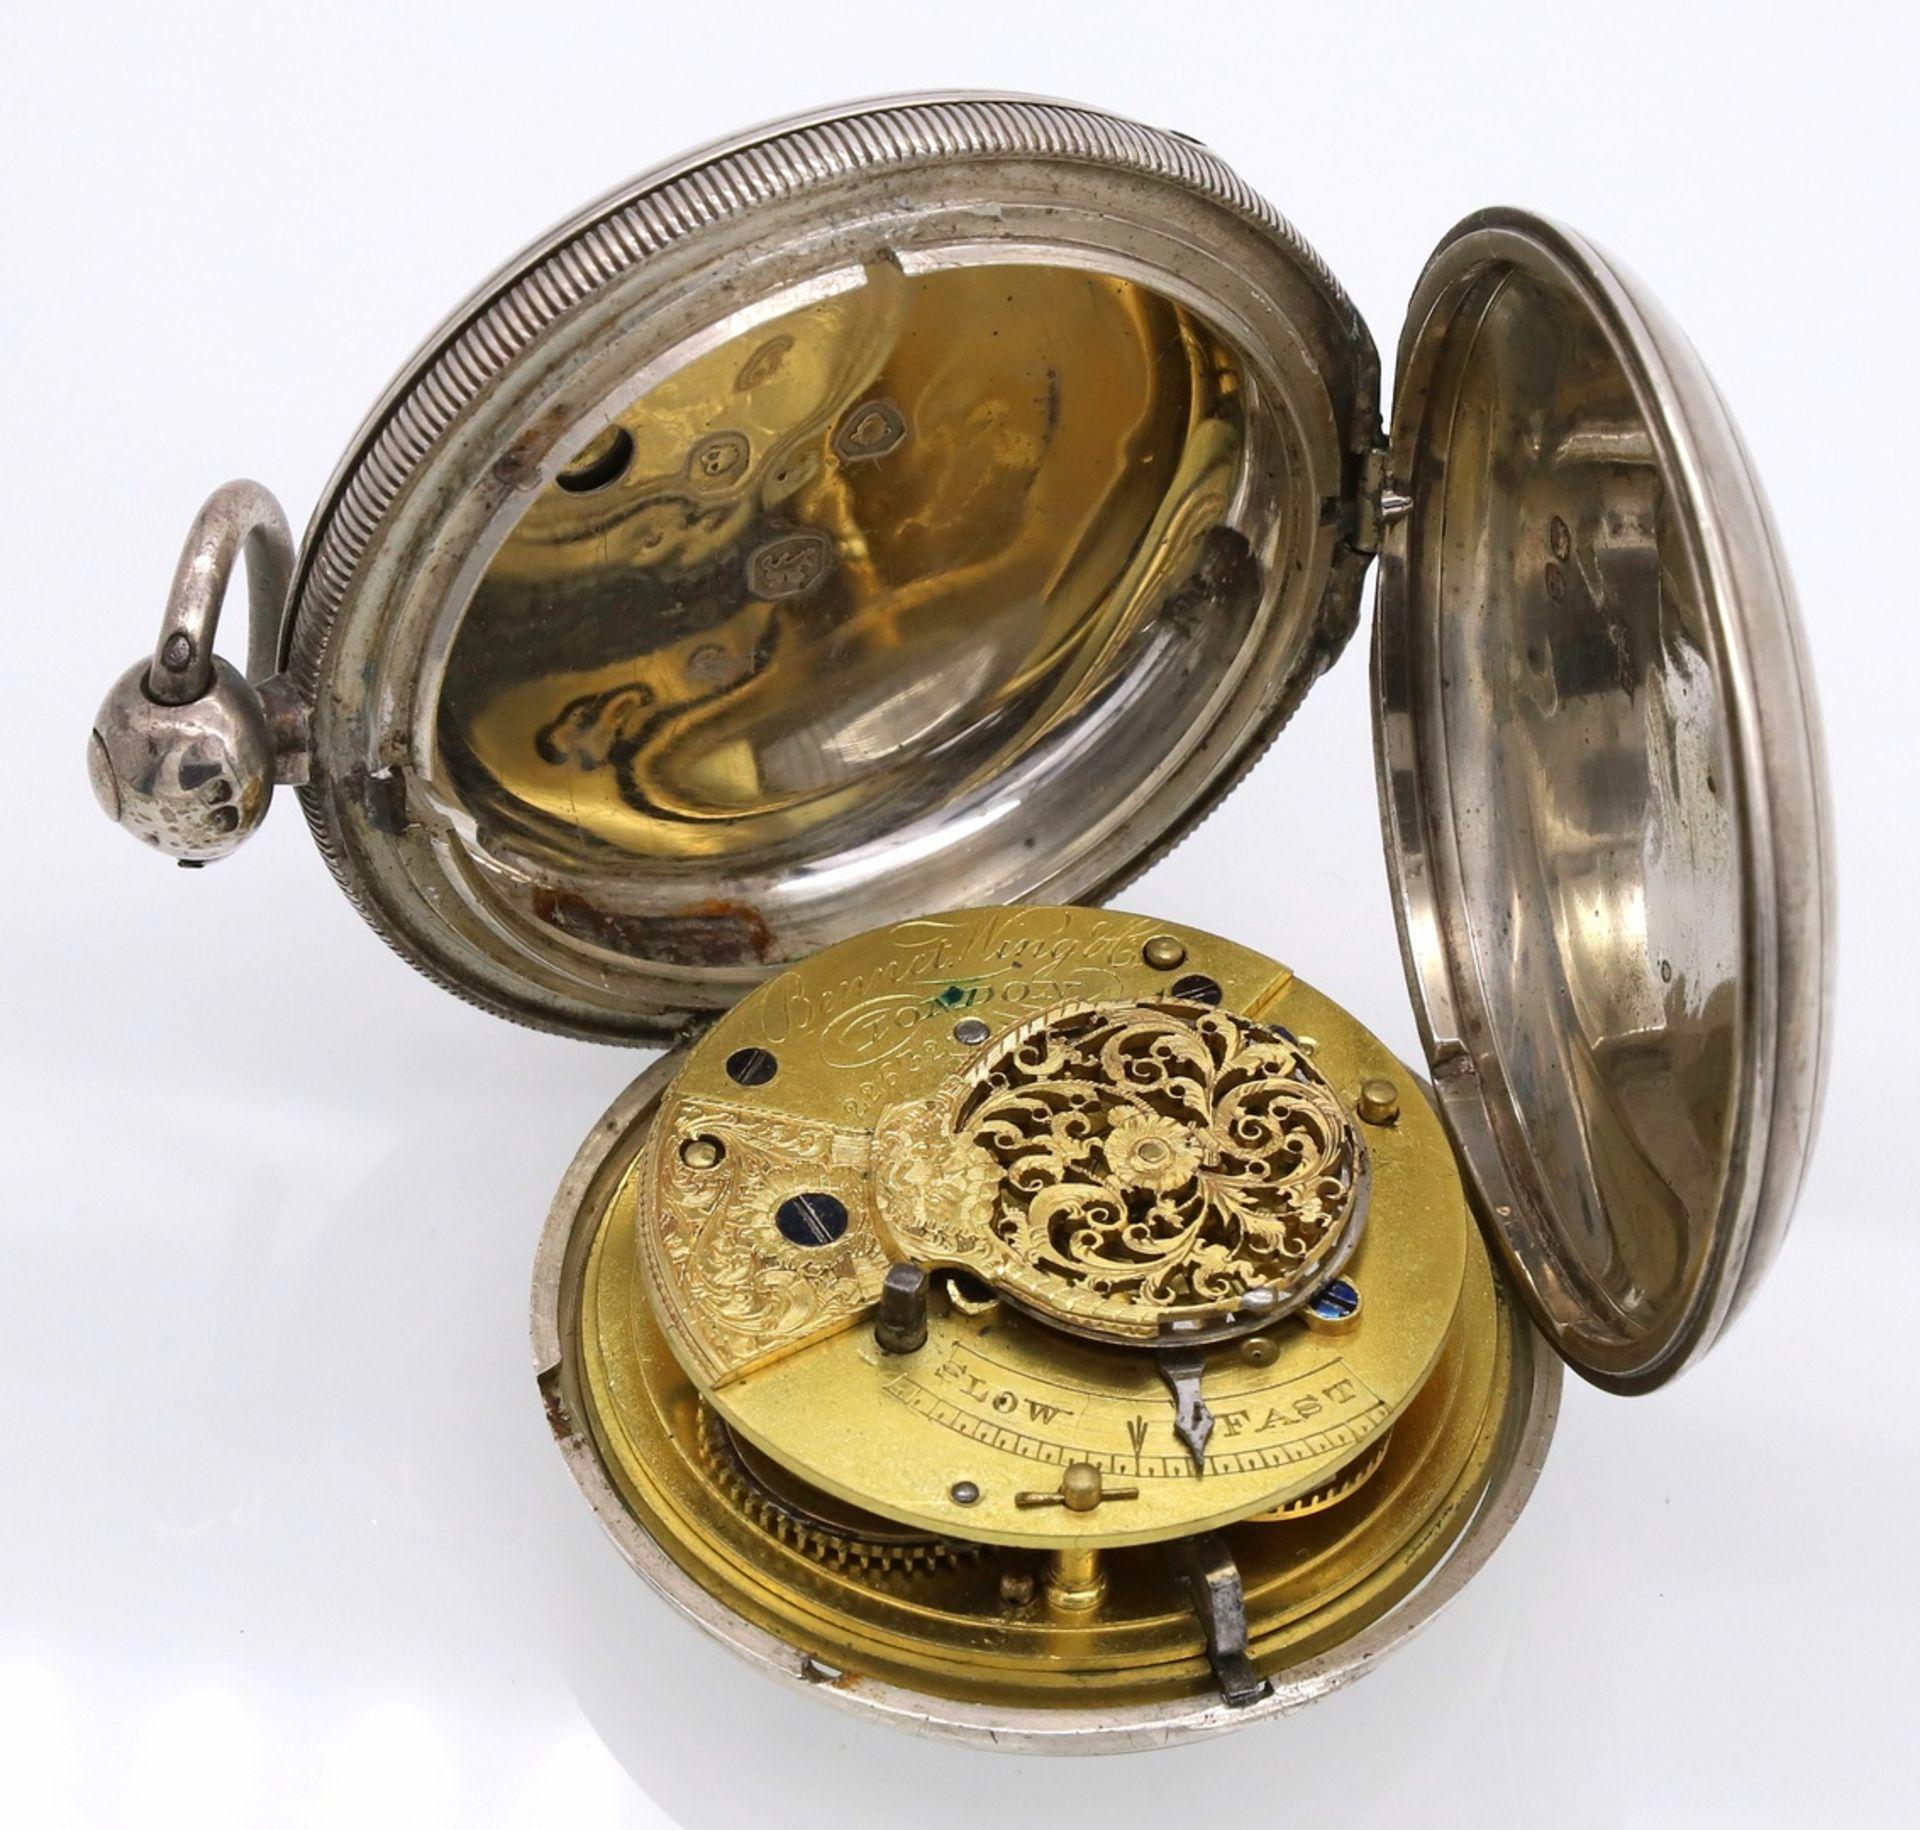 Bennet Wing London Spindeltaschenuhr mit Sprungdeckel, 1837 - Bild 5 aus 6